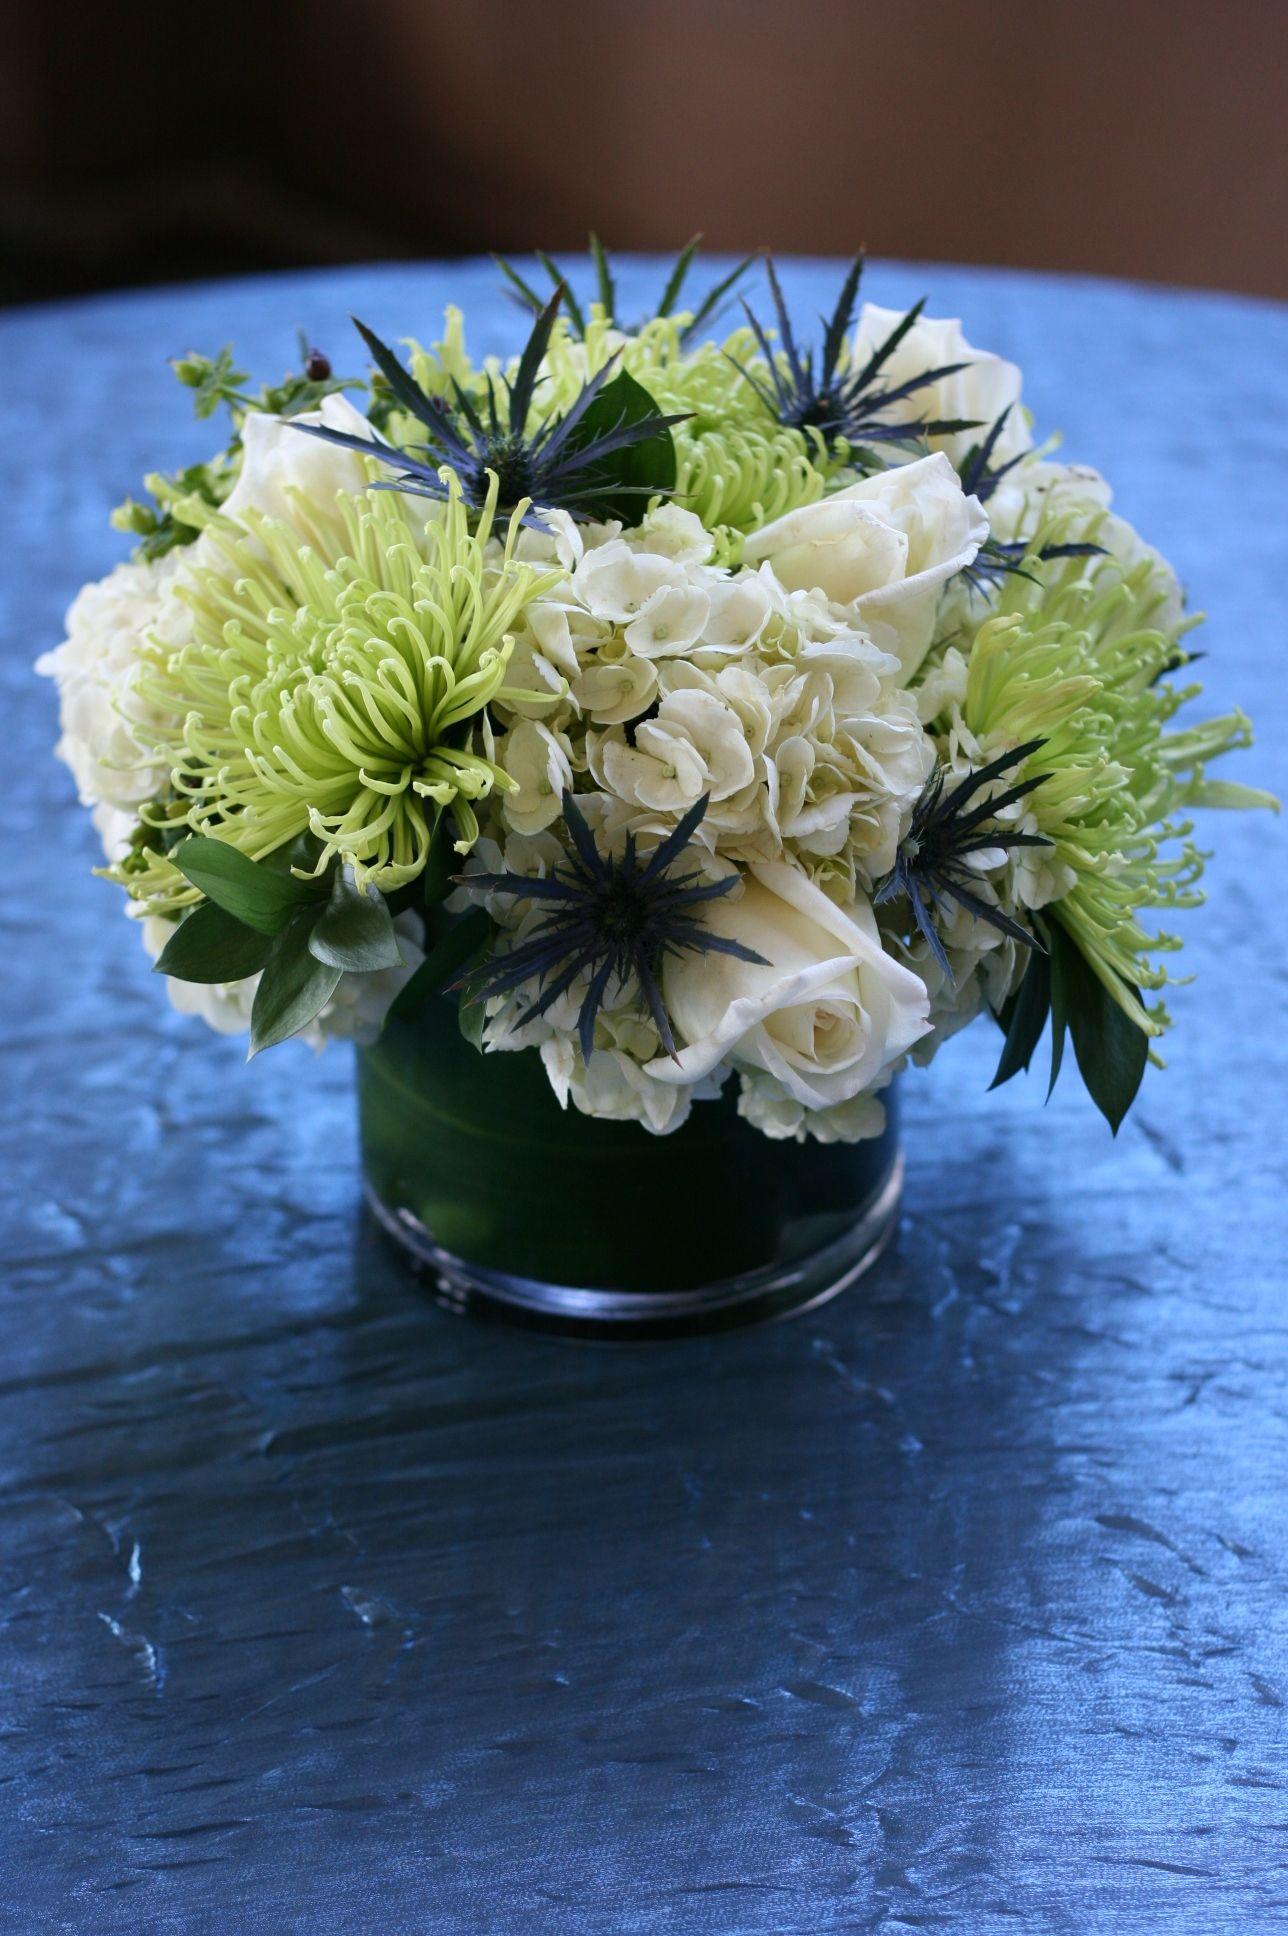 White rose hydrangea geen spider mum w blue thistle